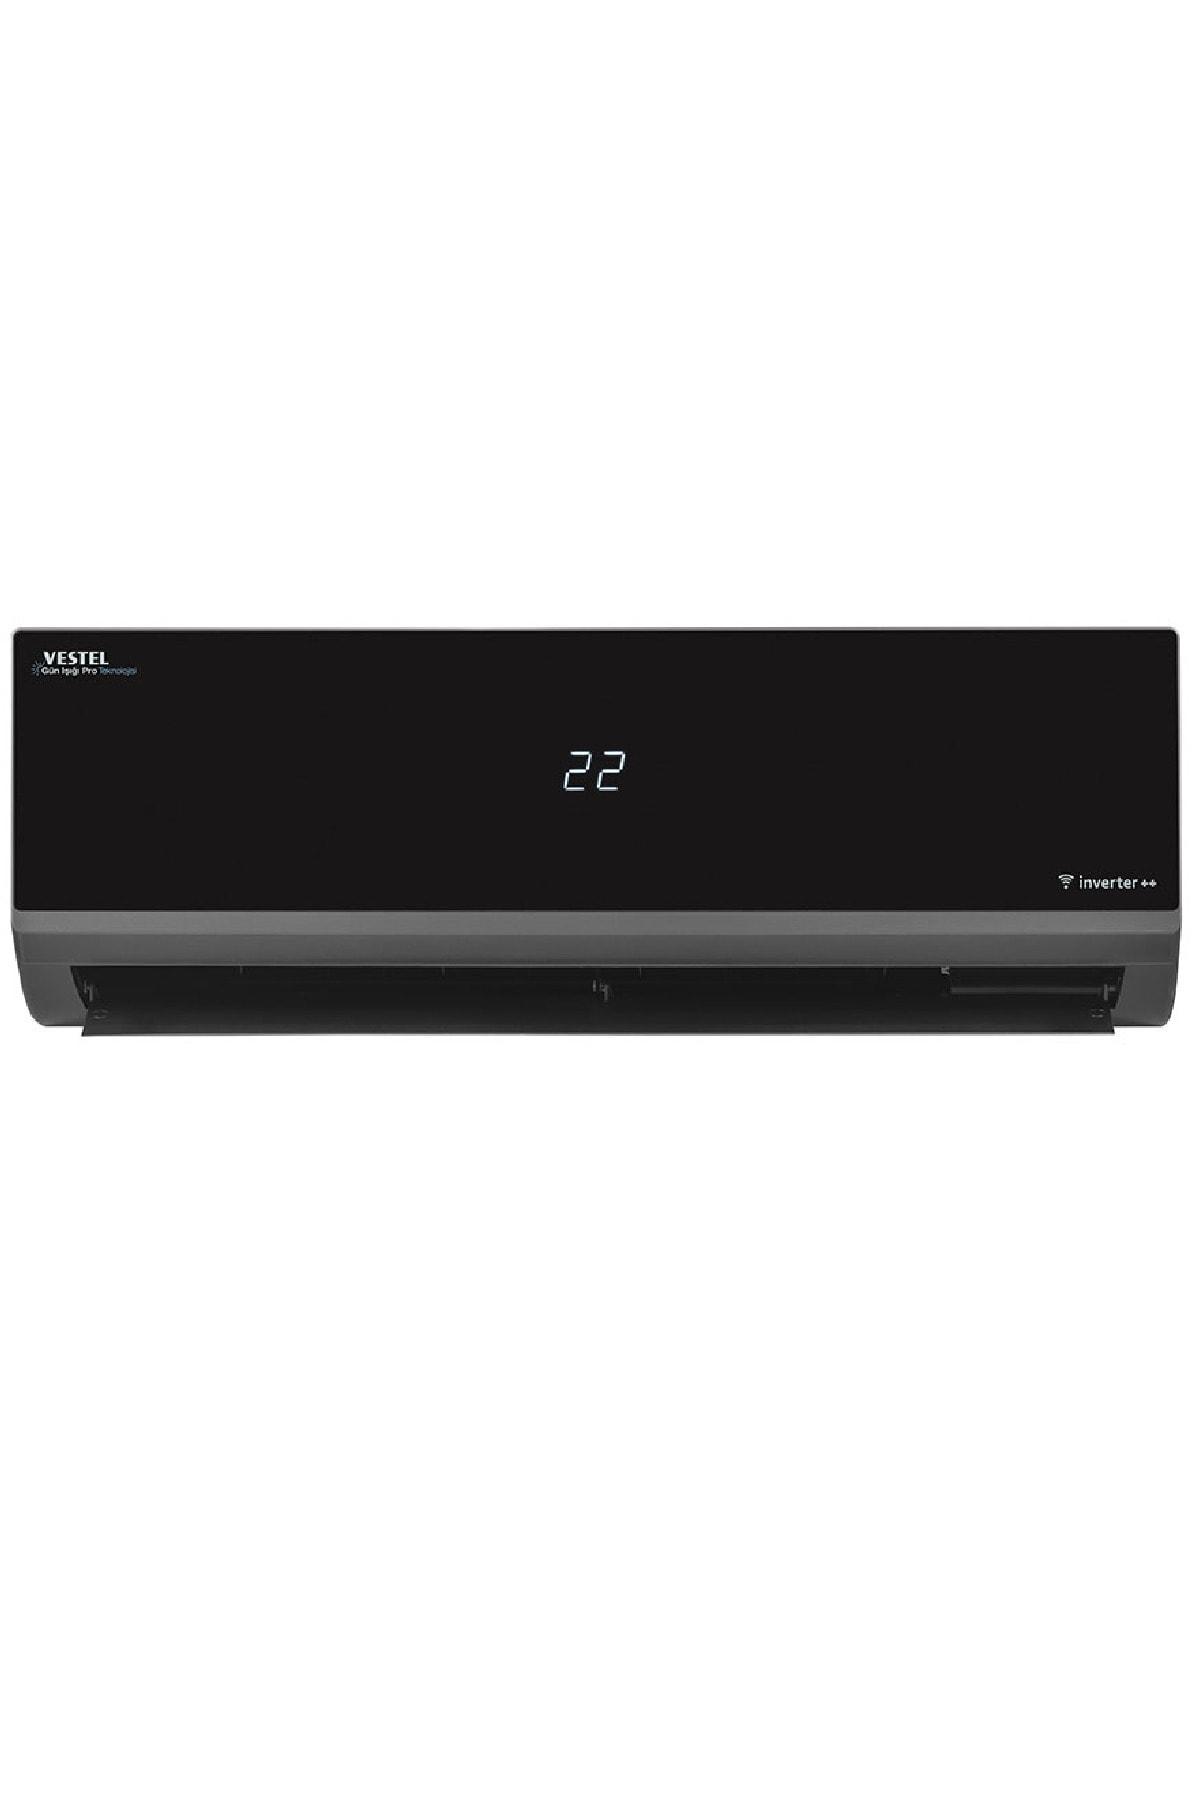 Nova 122 Gı Pro A++ 12000 Btu Wıfı Inverter Duvar Tipi Klima